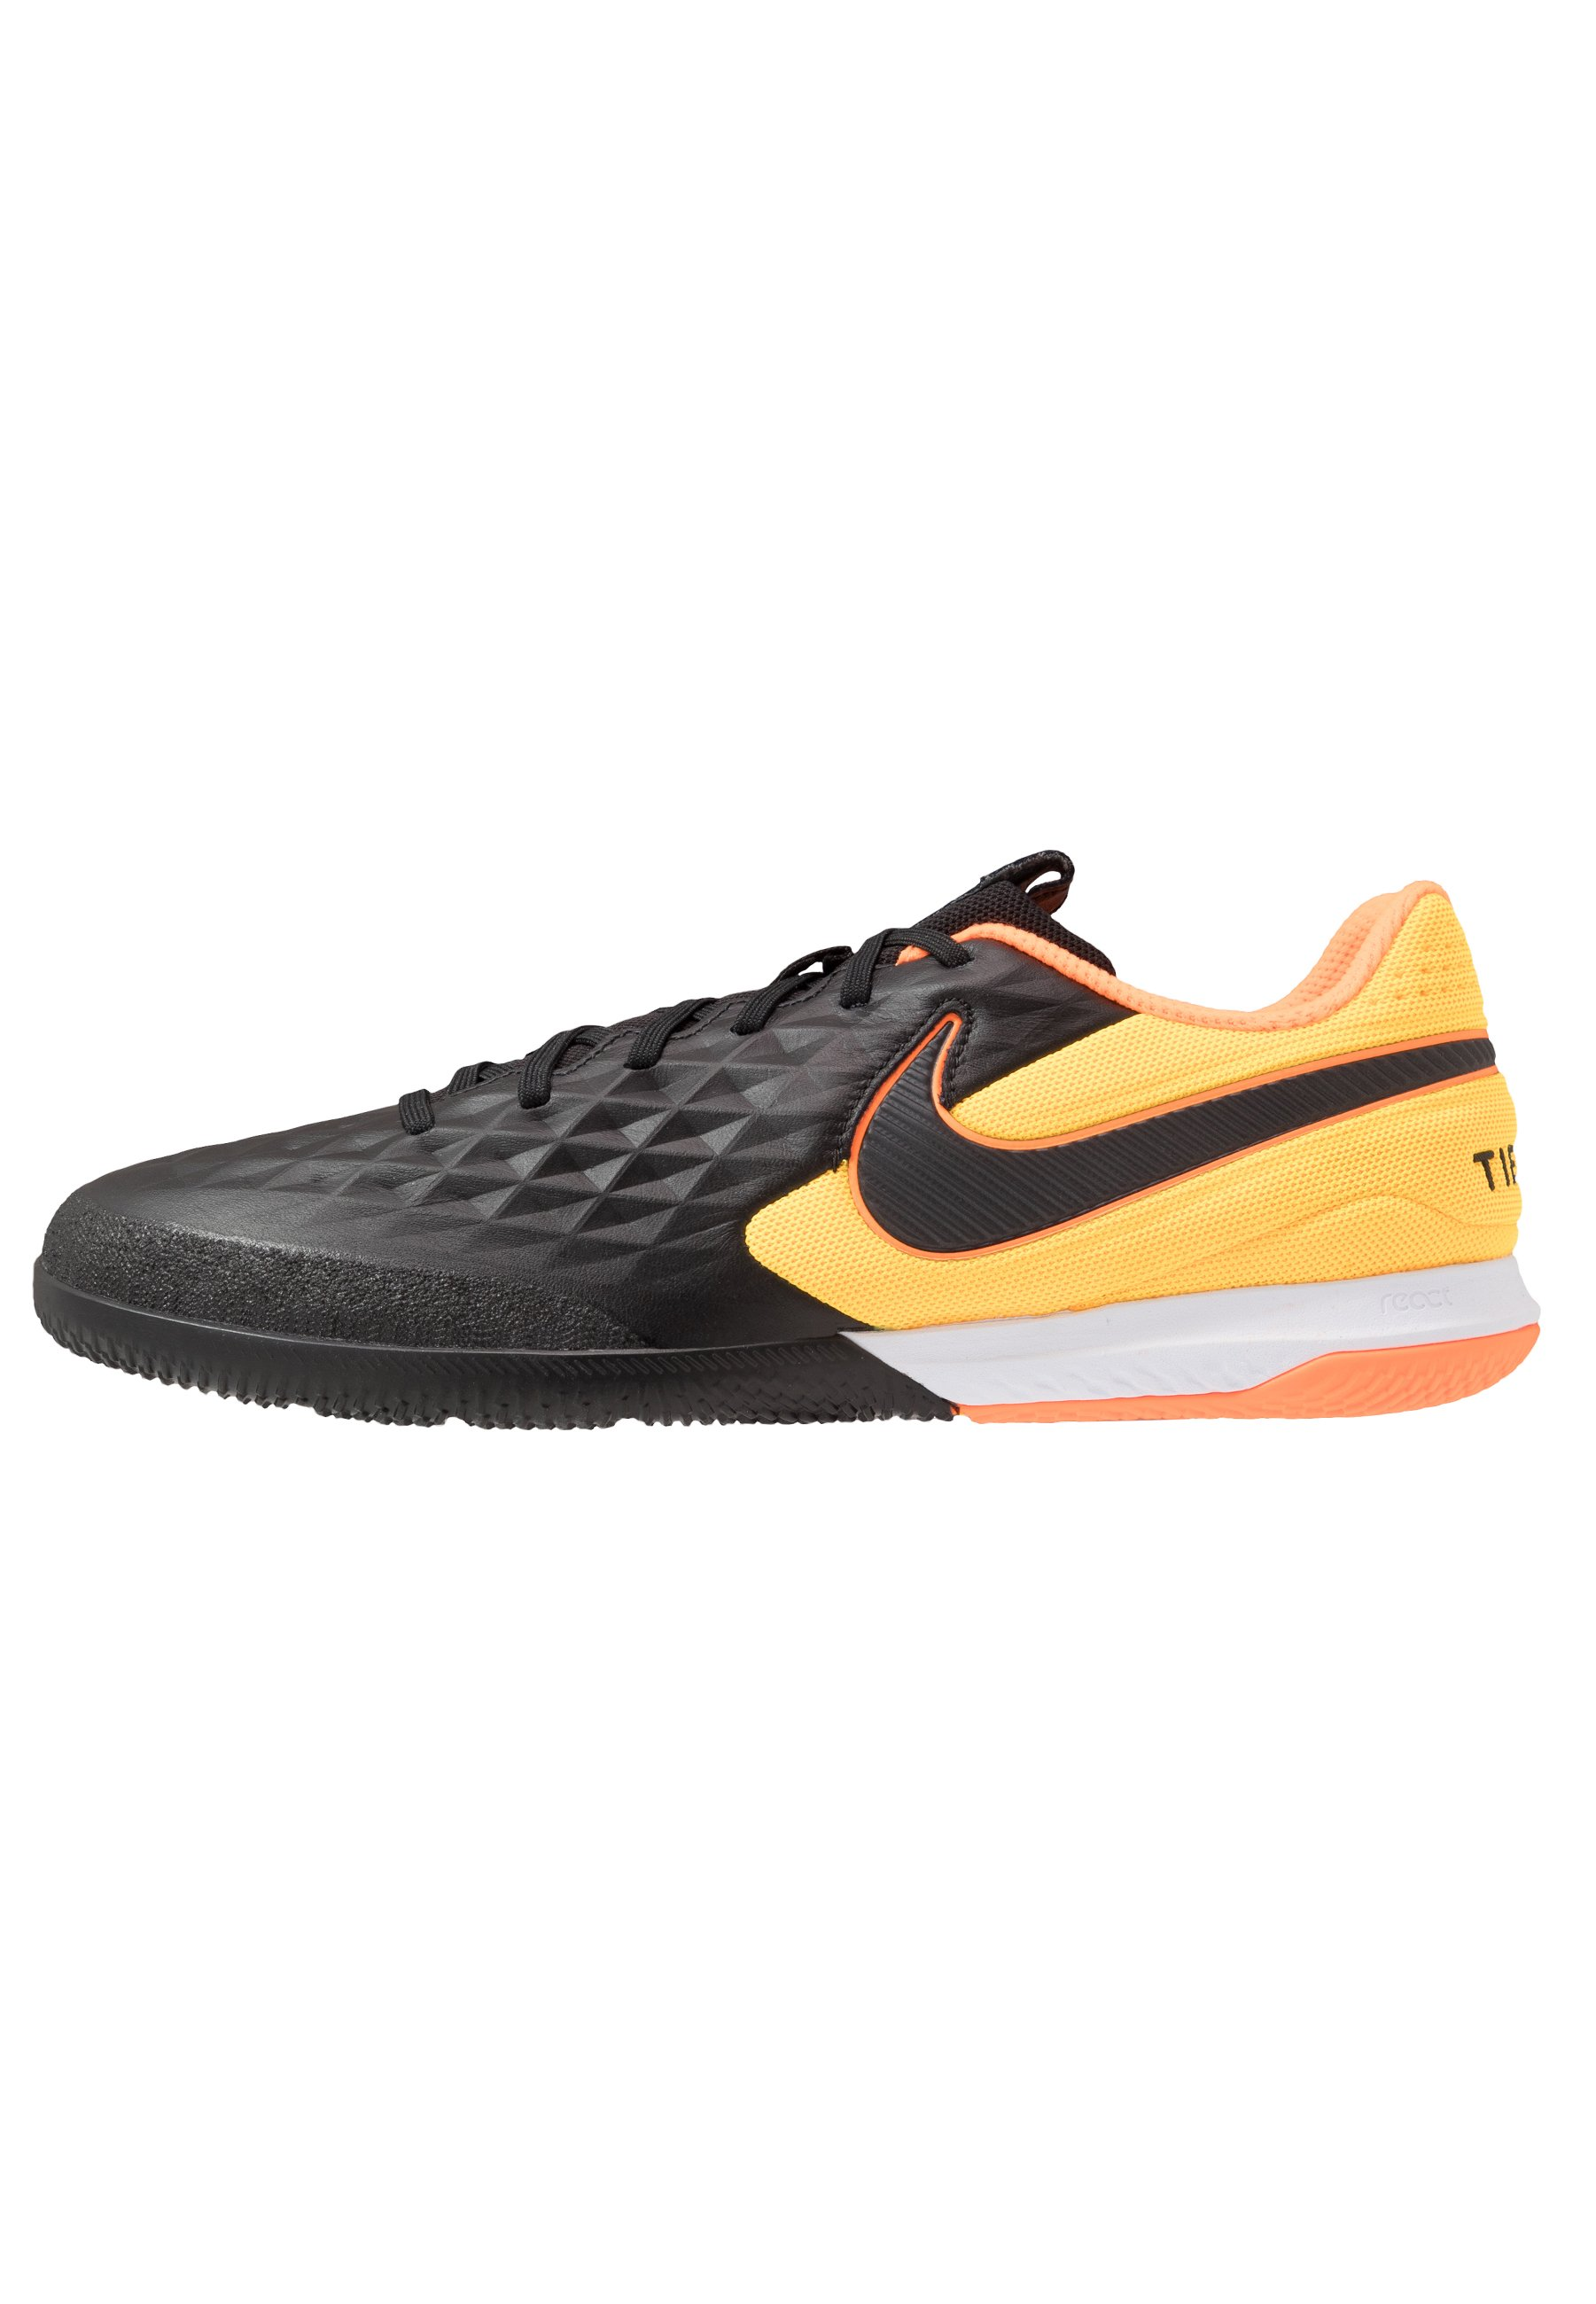 NIKE REACT TIEMPO LEGEND 8 PRO IC FUSSBALLSCHUH FÜR HALLEN UND HARTPLÄTZE Chaussures de foot en salle blacklaser orange